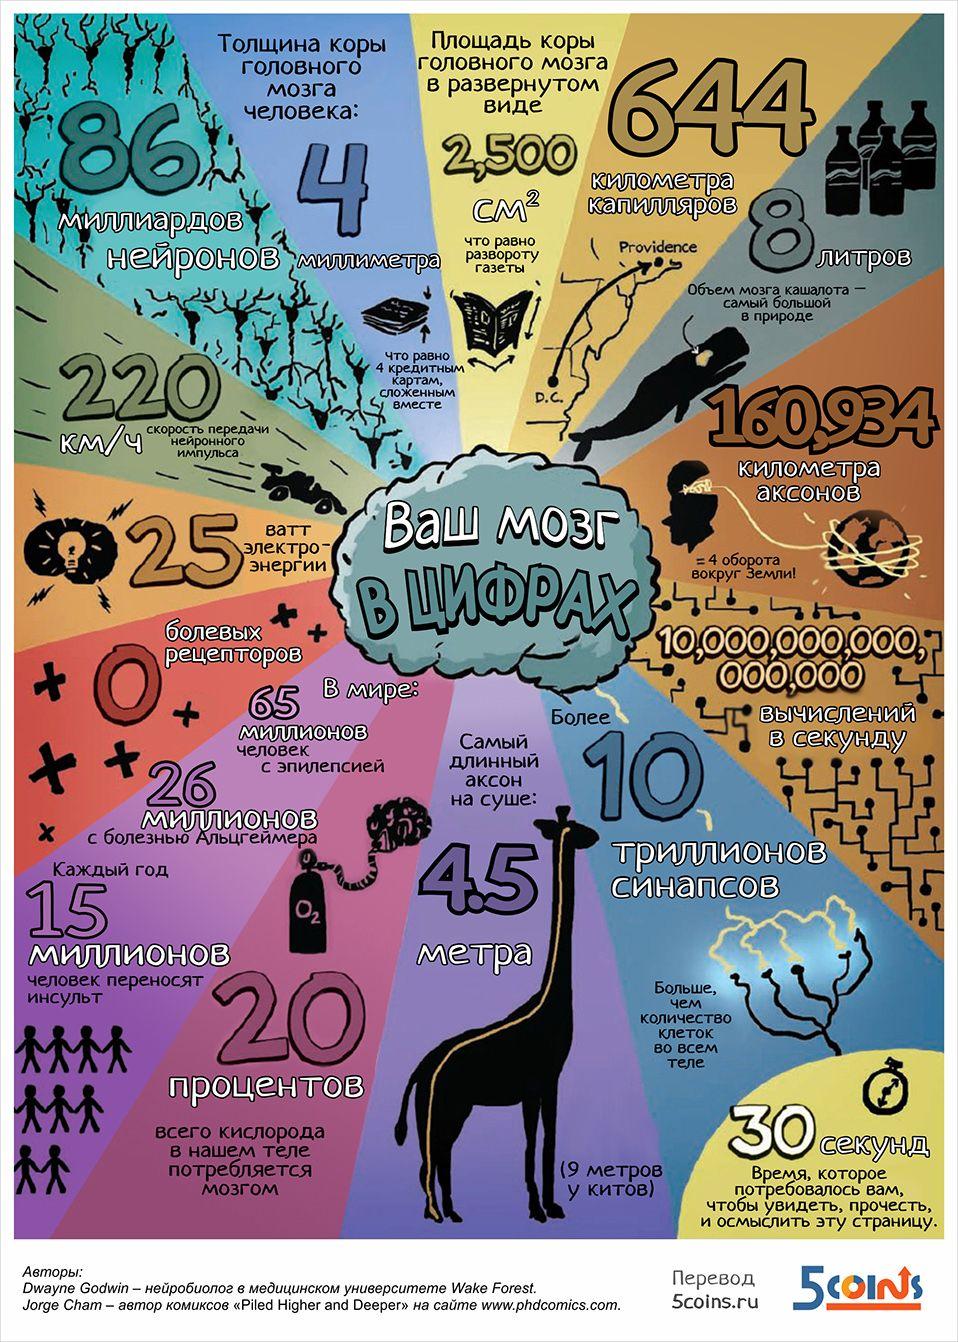 Ваш мозг в цифрах